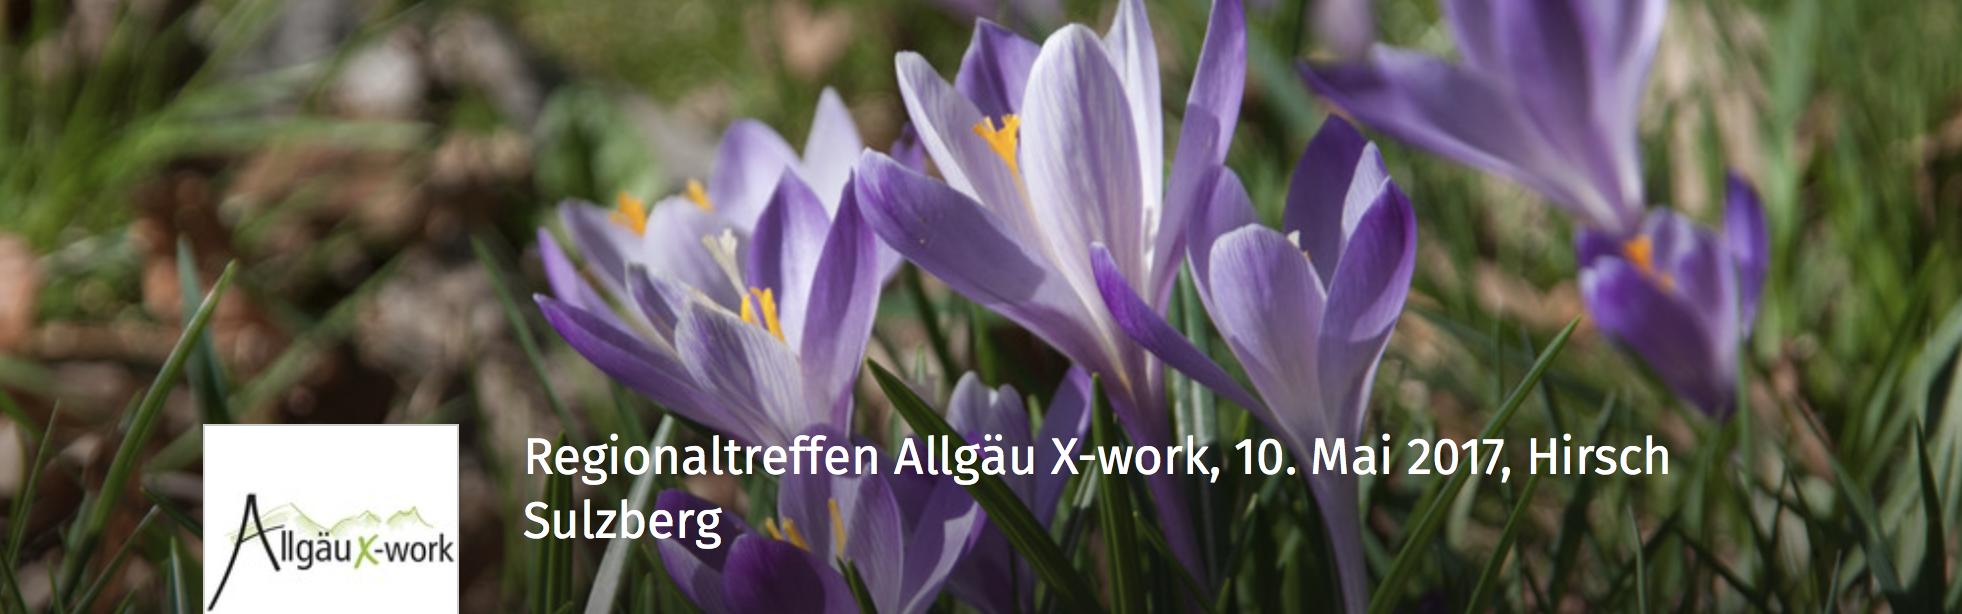 Regionaltreffen Allgäu X-work